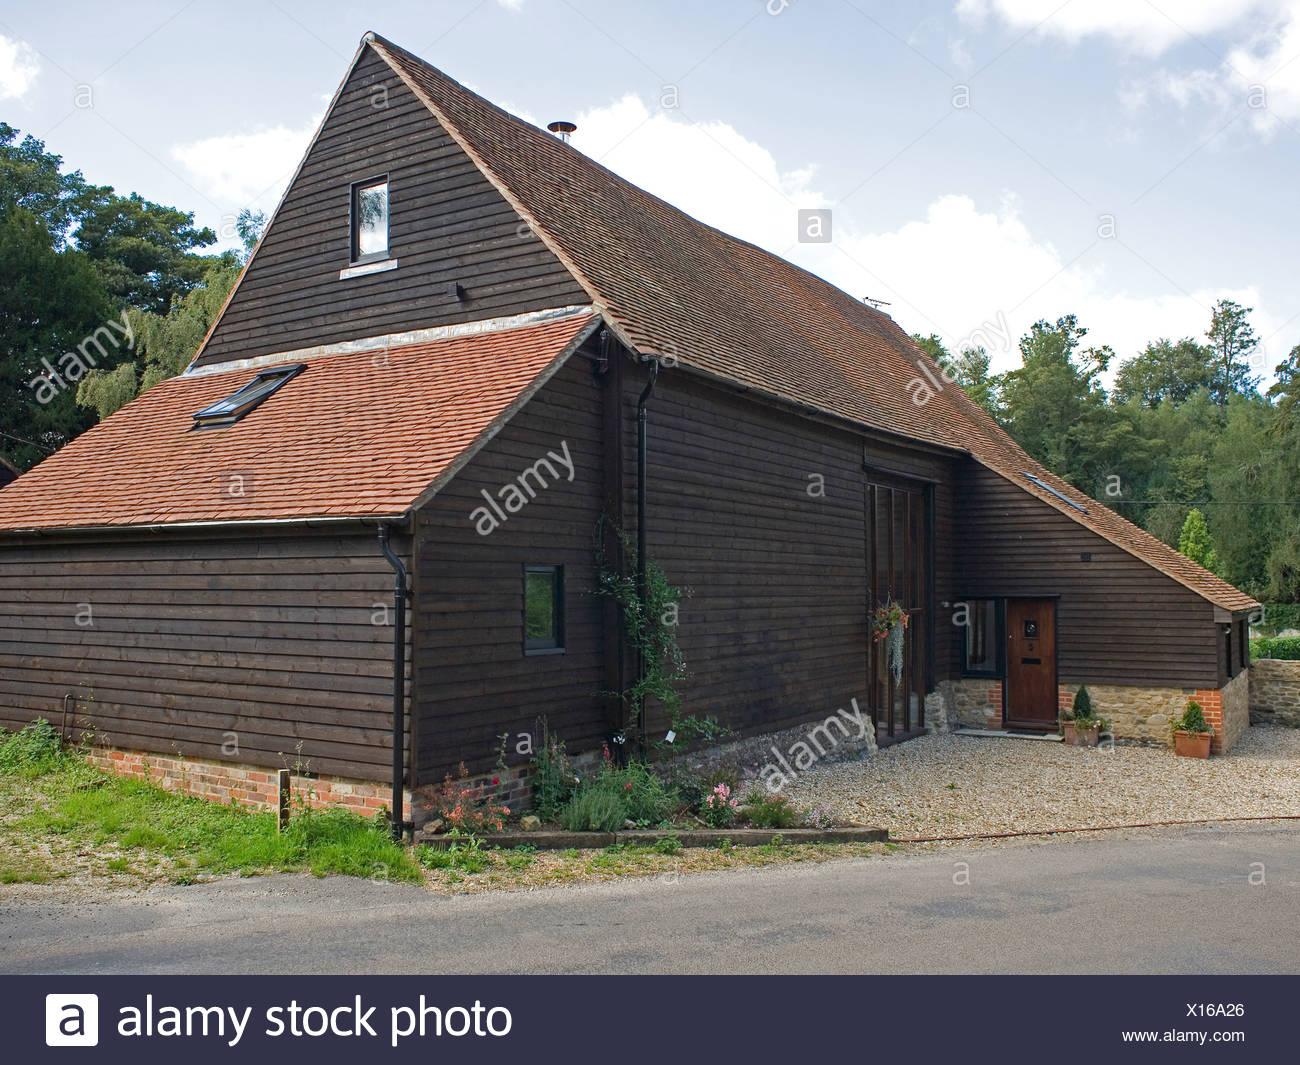 Soffitto Con Travi In Legno In Inglese : Country inglese tradizionale granaio conversione con legno scuro e